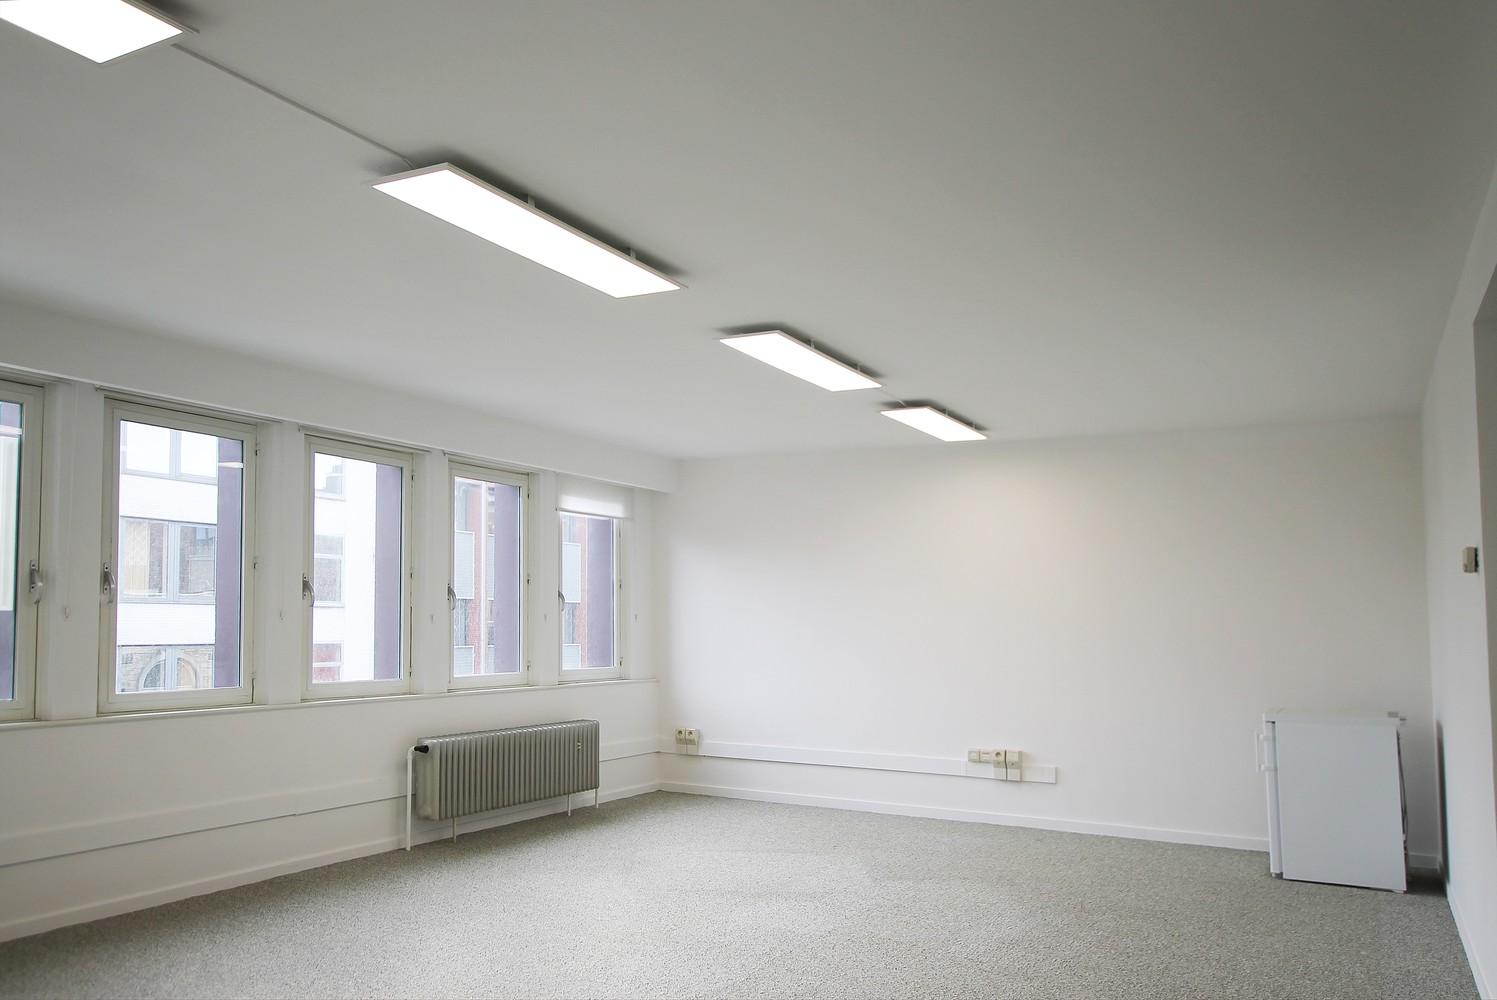 Kantoorruimte (100 m²) op centrale ligging nabij park Spoor Noord! afbeelding 2